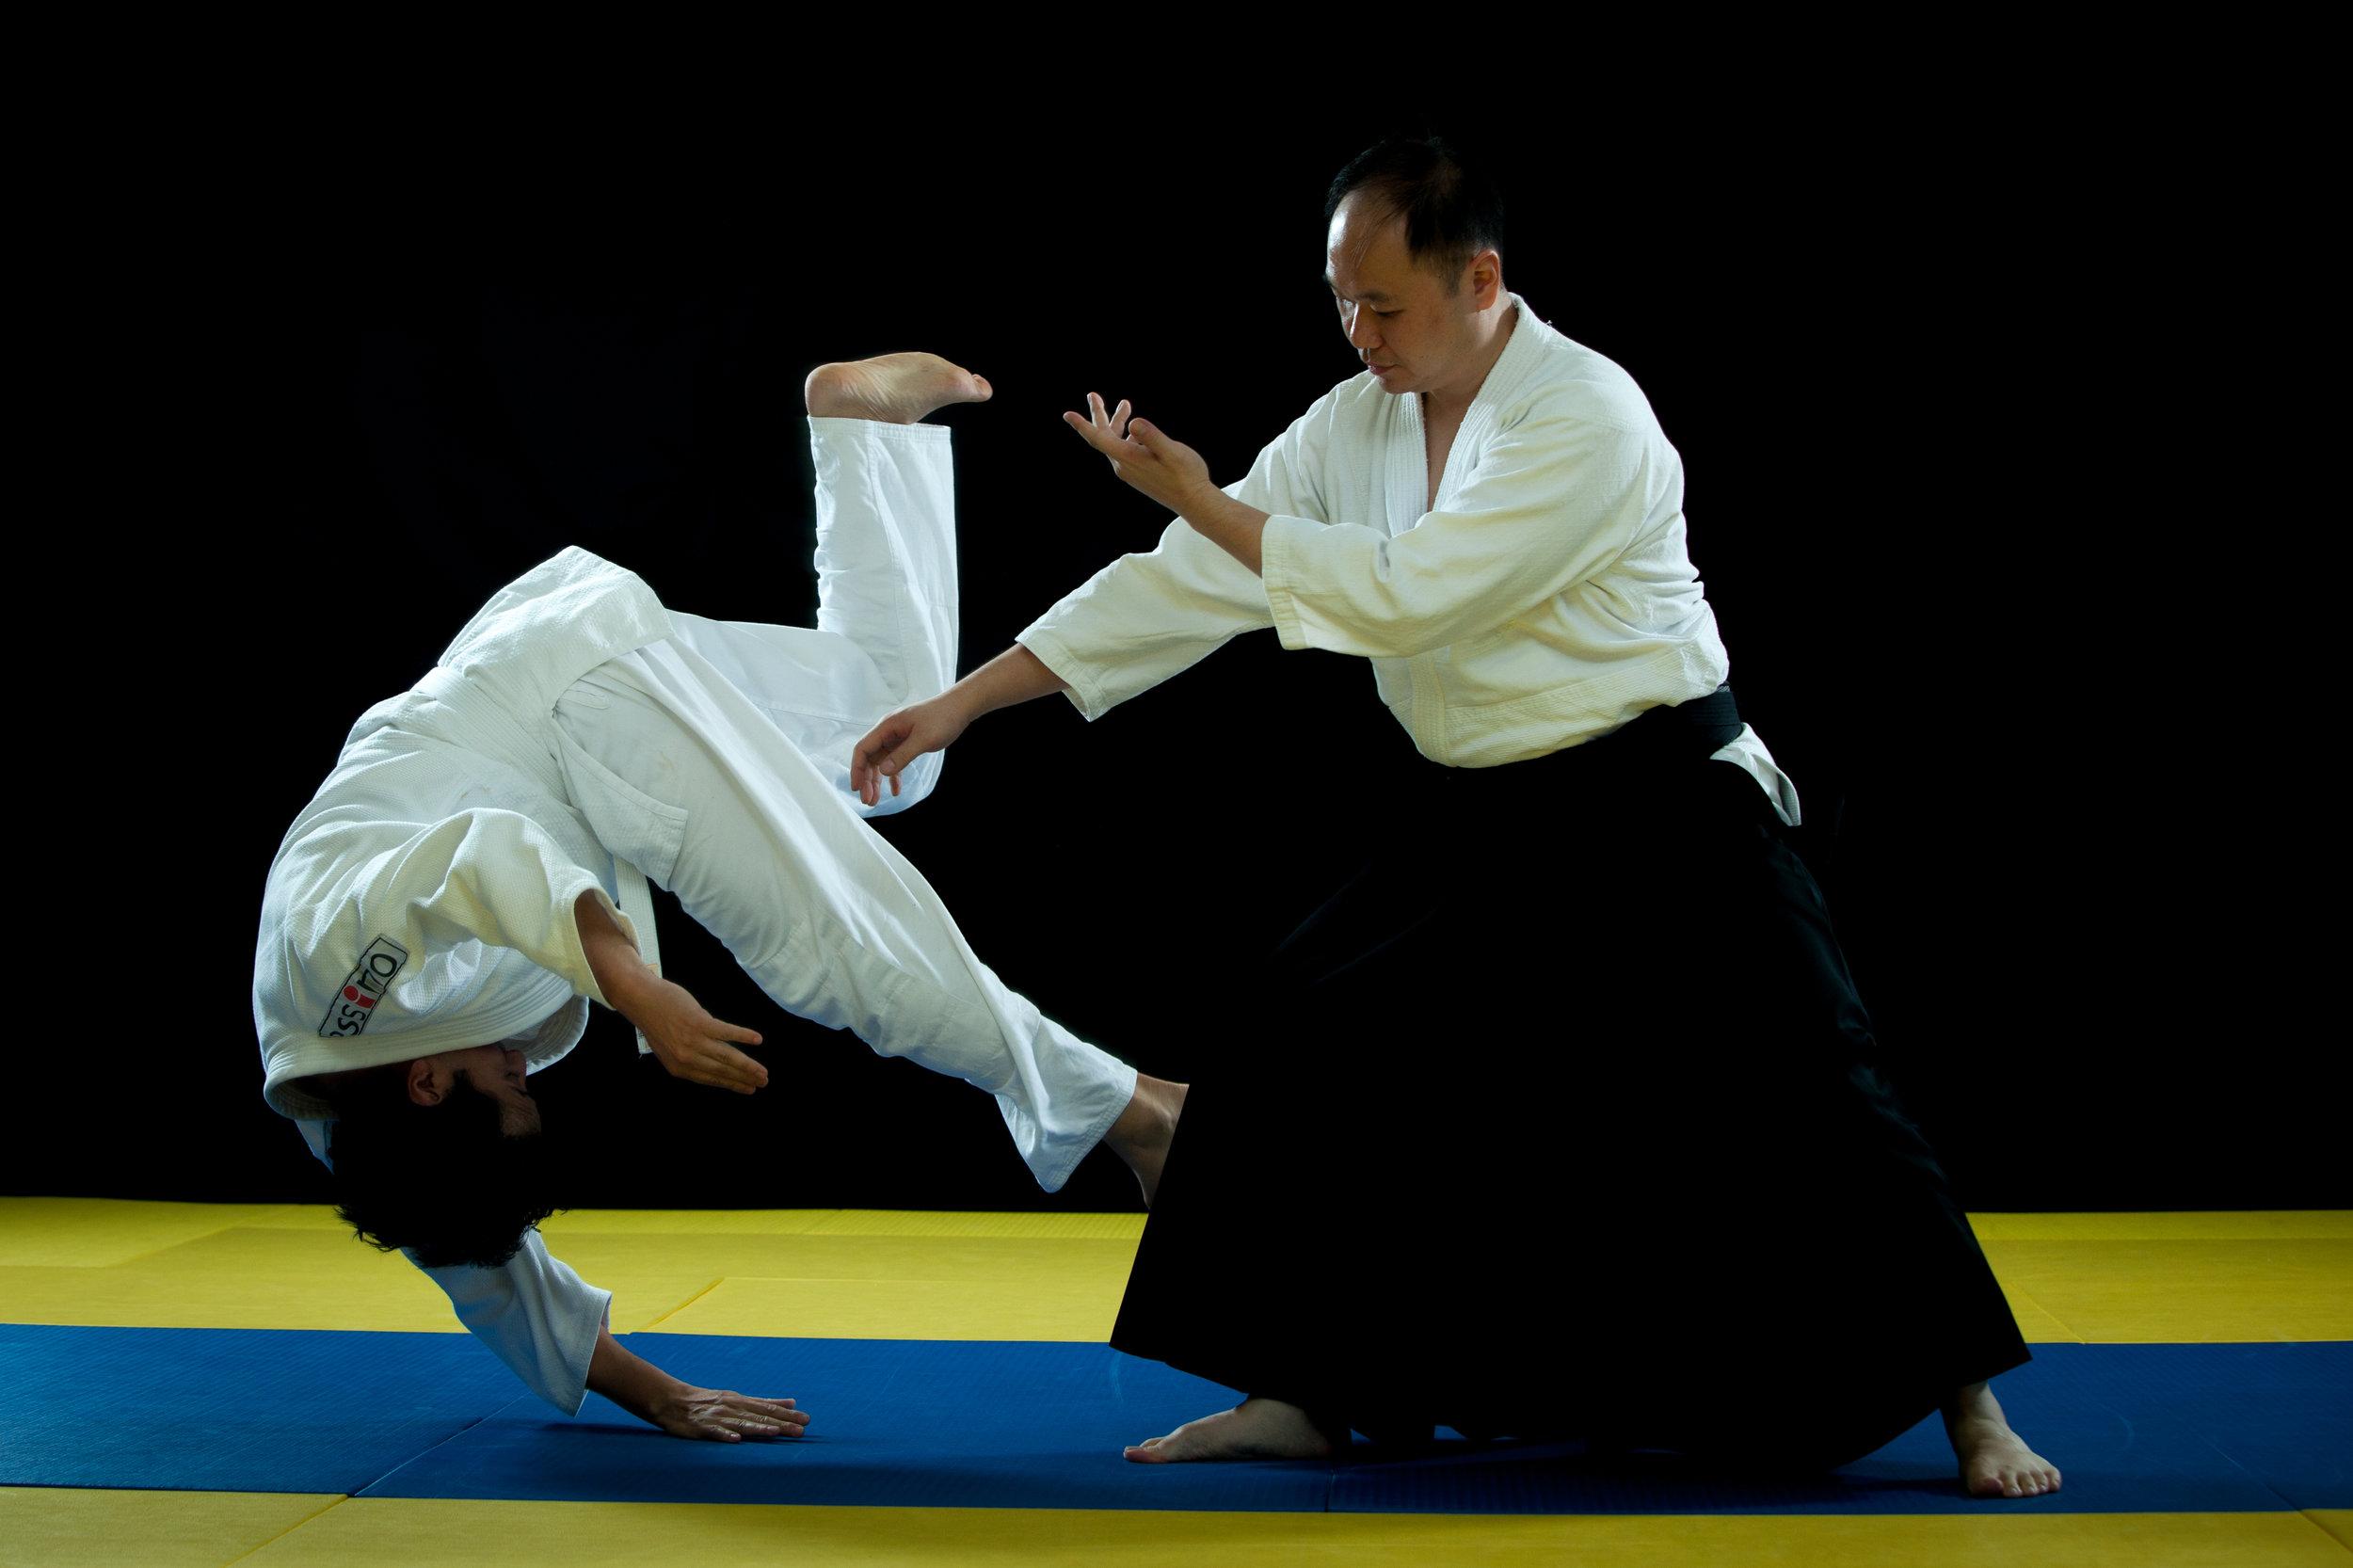 aikido-4.jpg